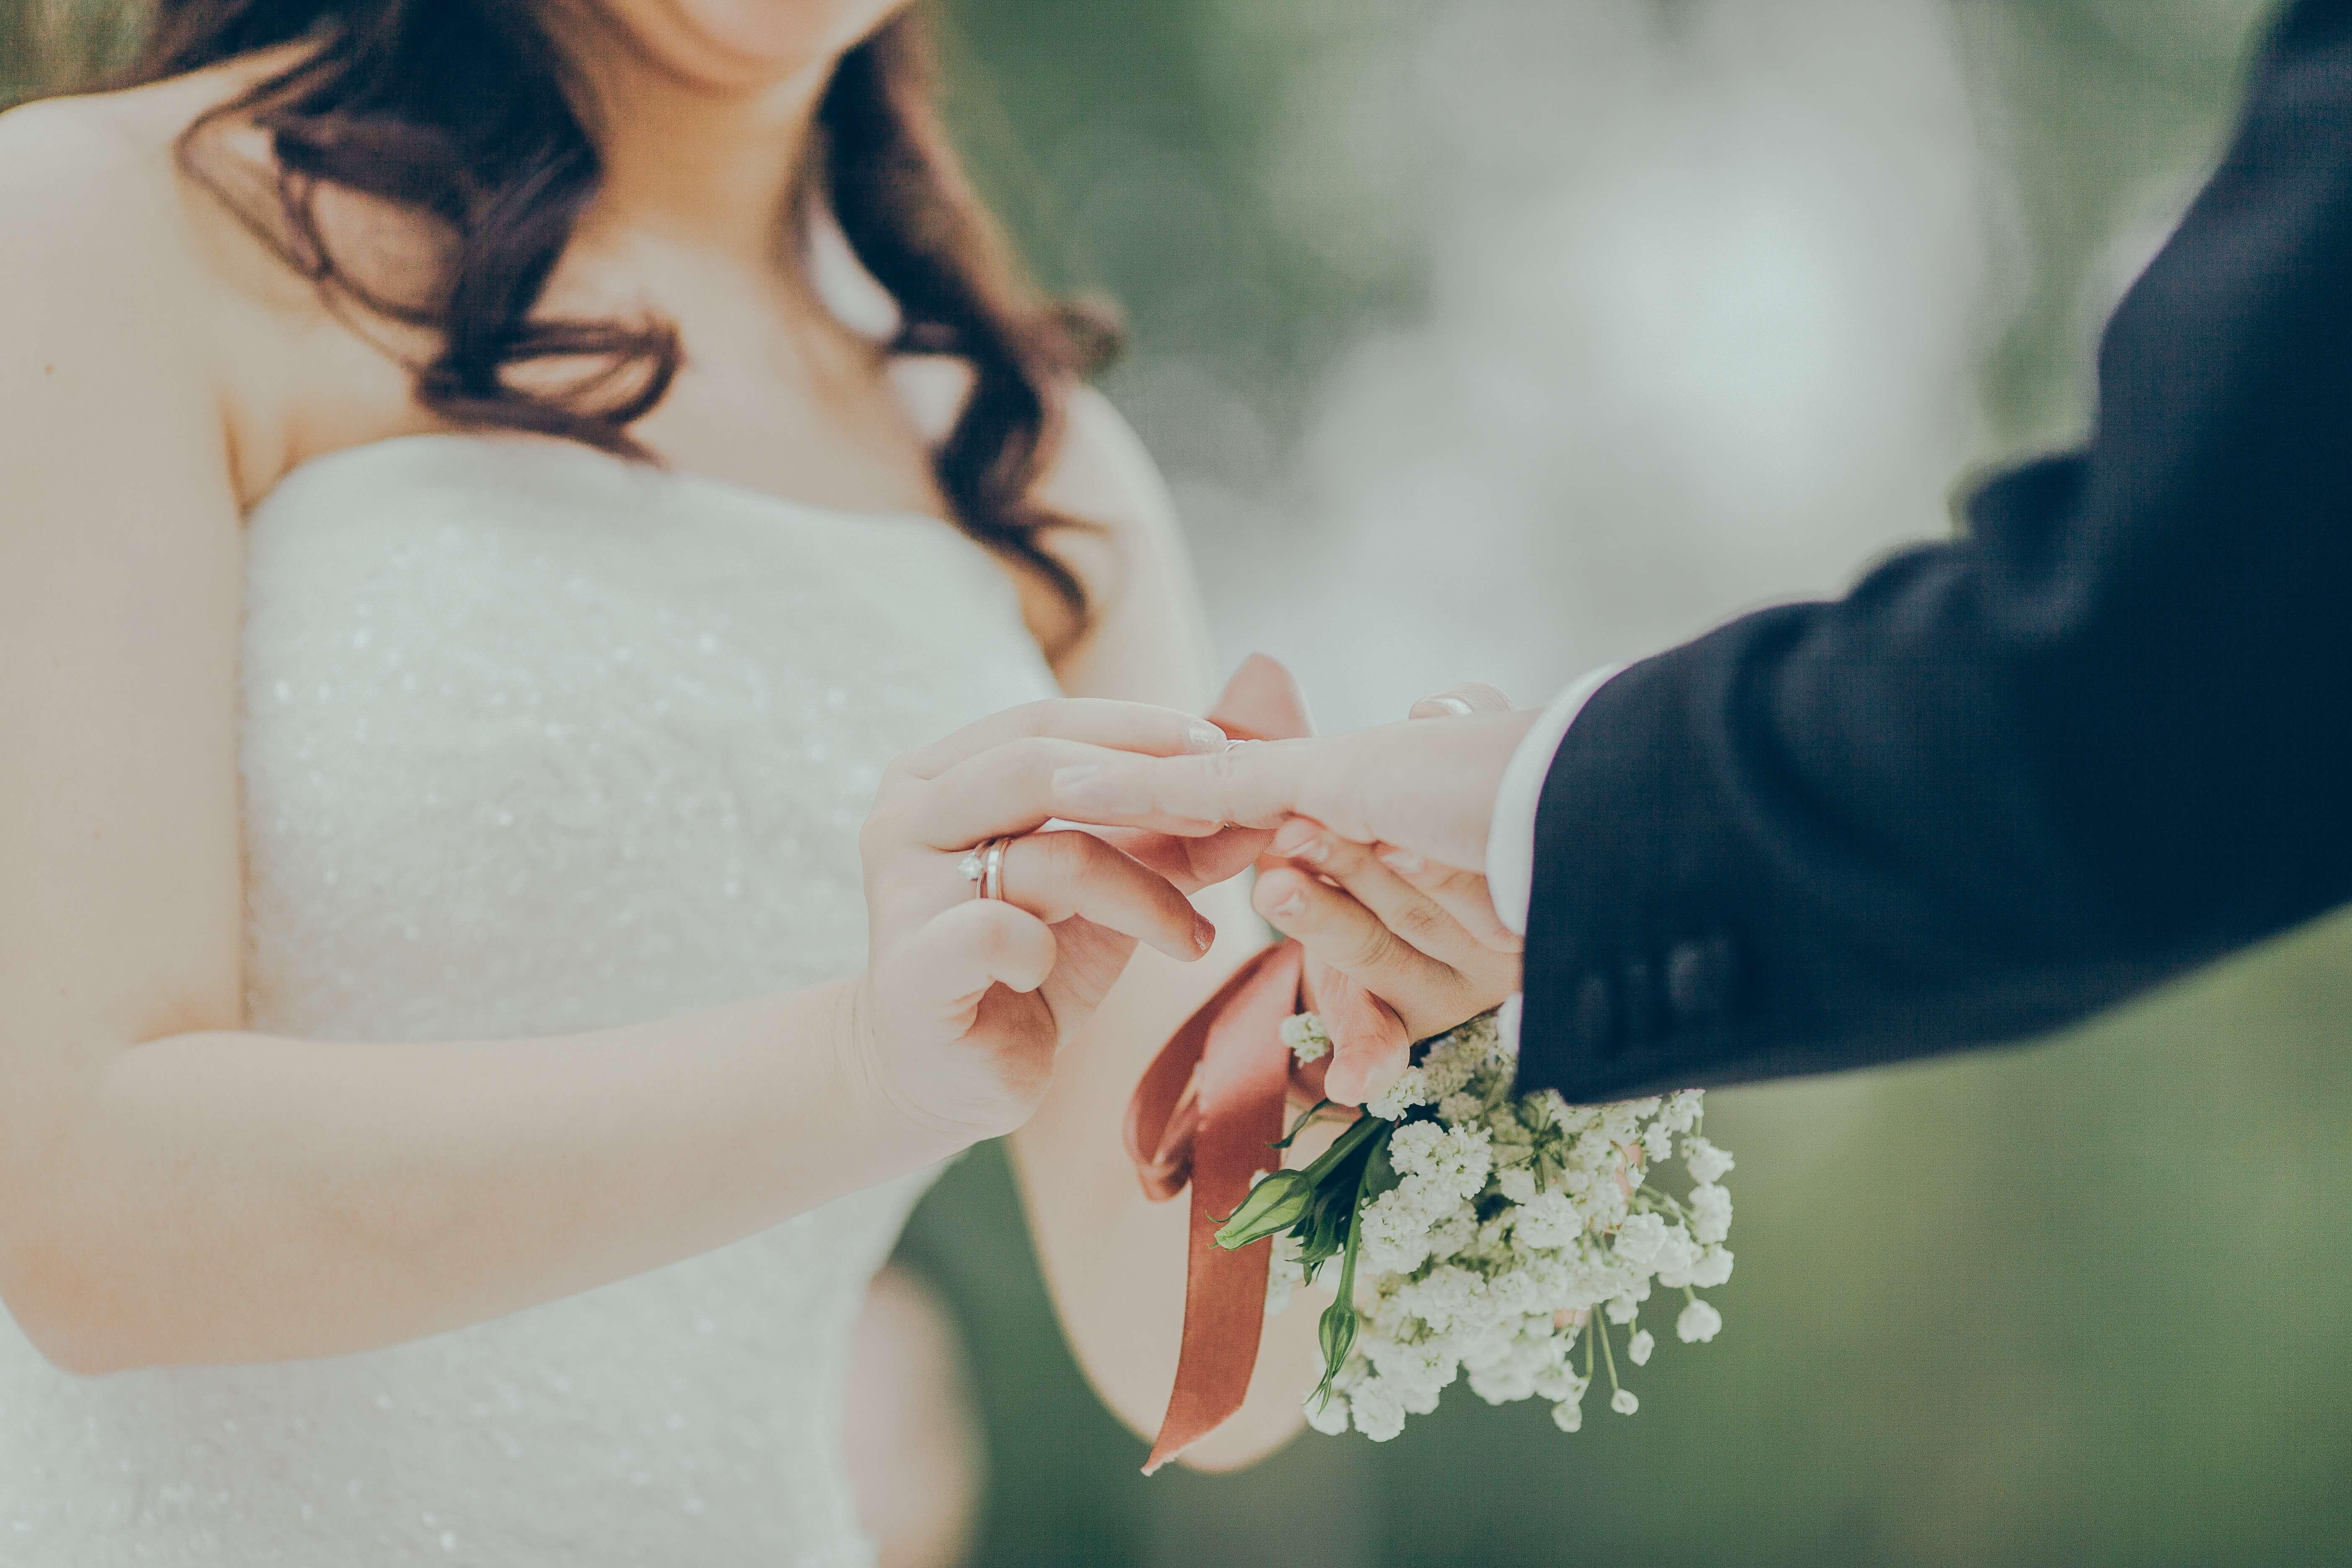 フィリピン人との結婚手続き方法まとめ(現在作成中)